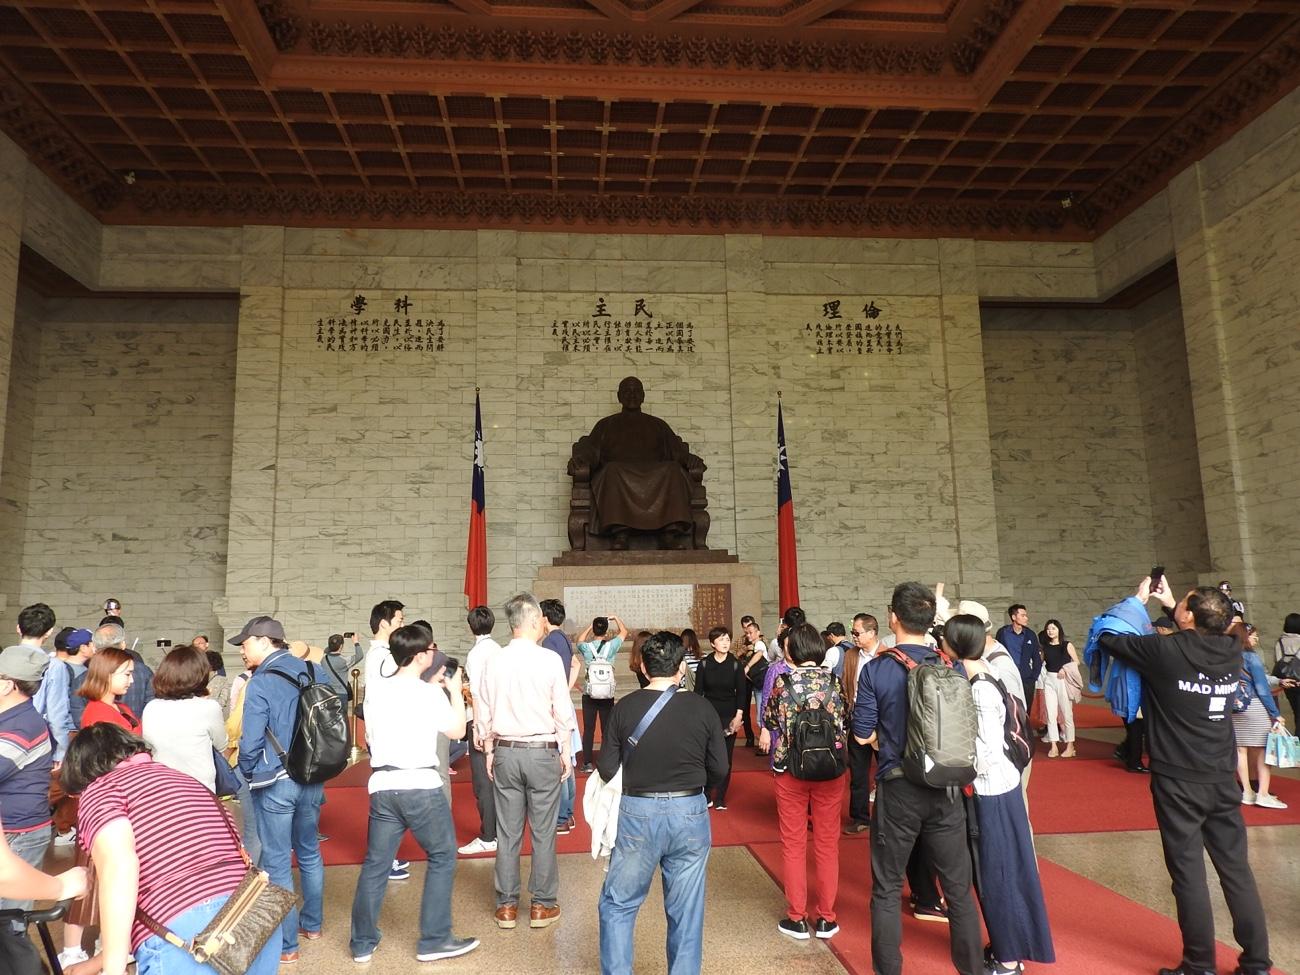 蒋介石像がある中正記念堂の中